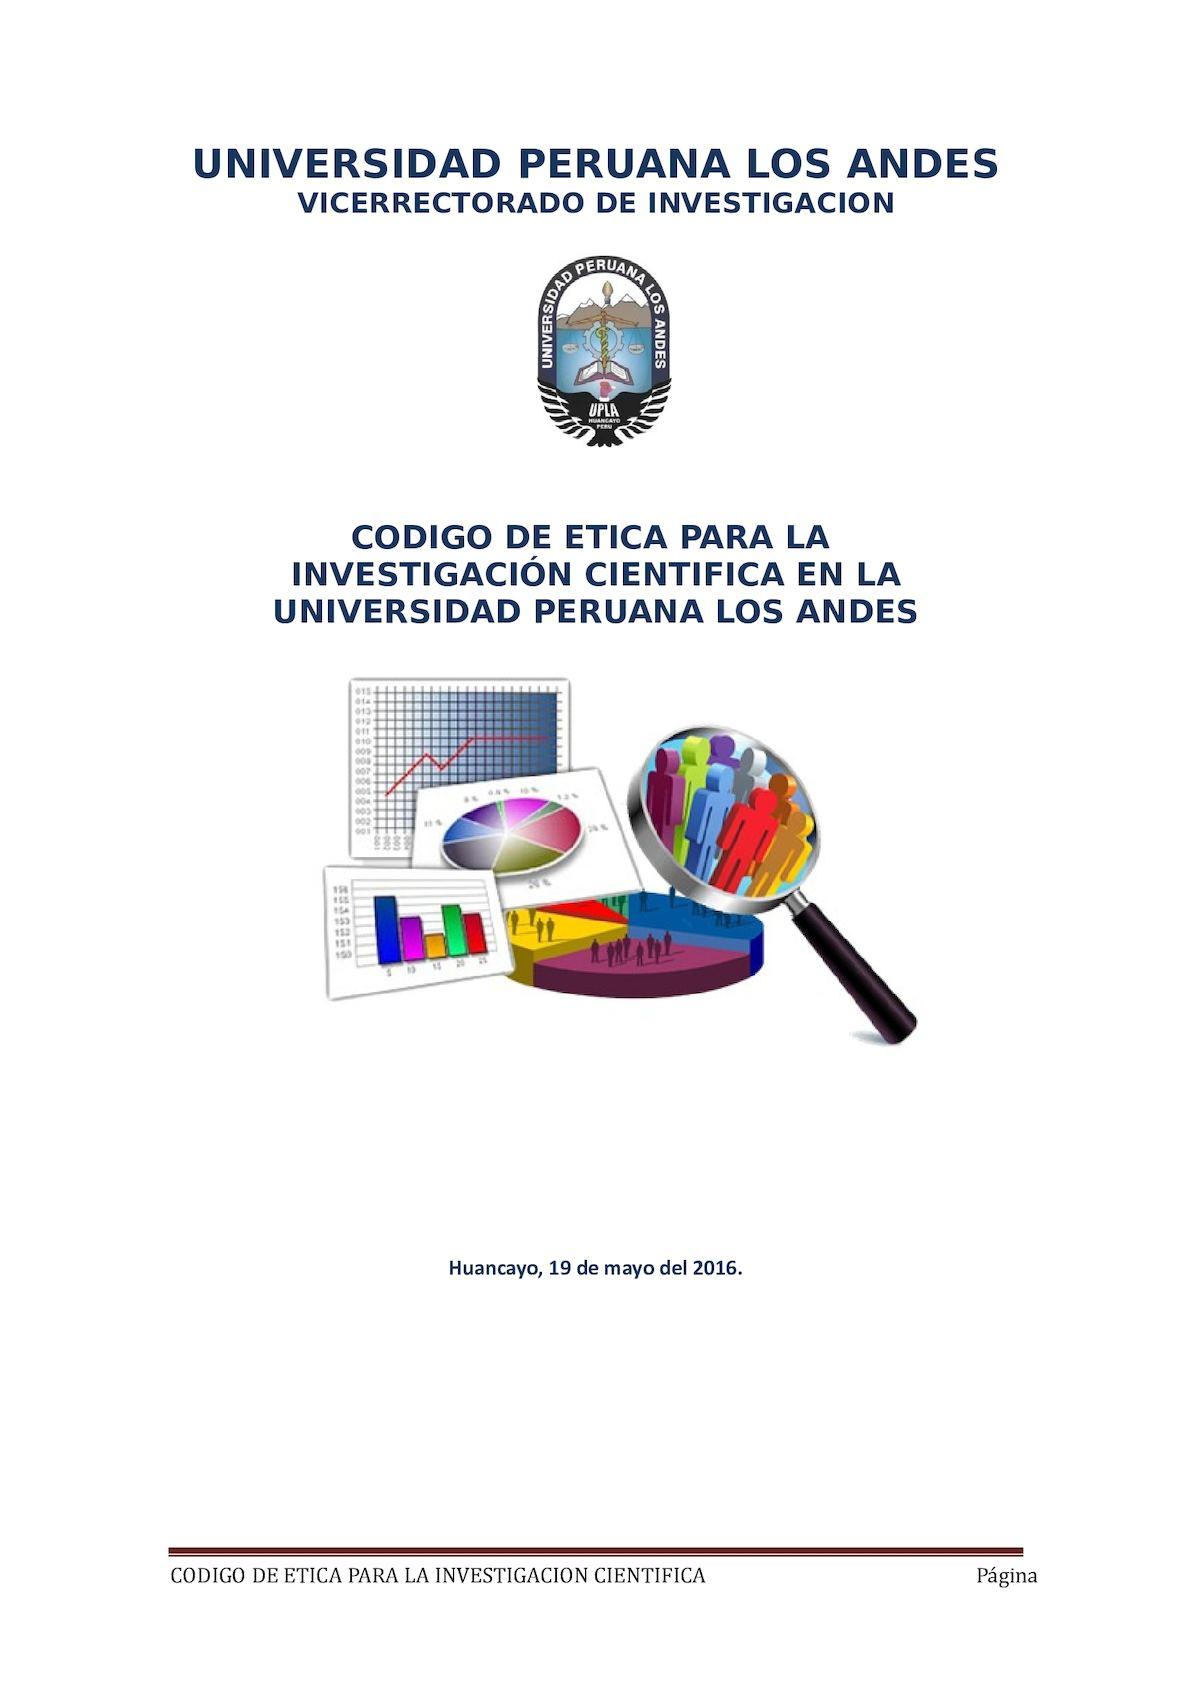 2017 Licenciamiento Codigo De Etica Version Ii